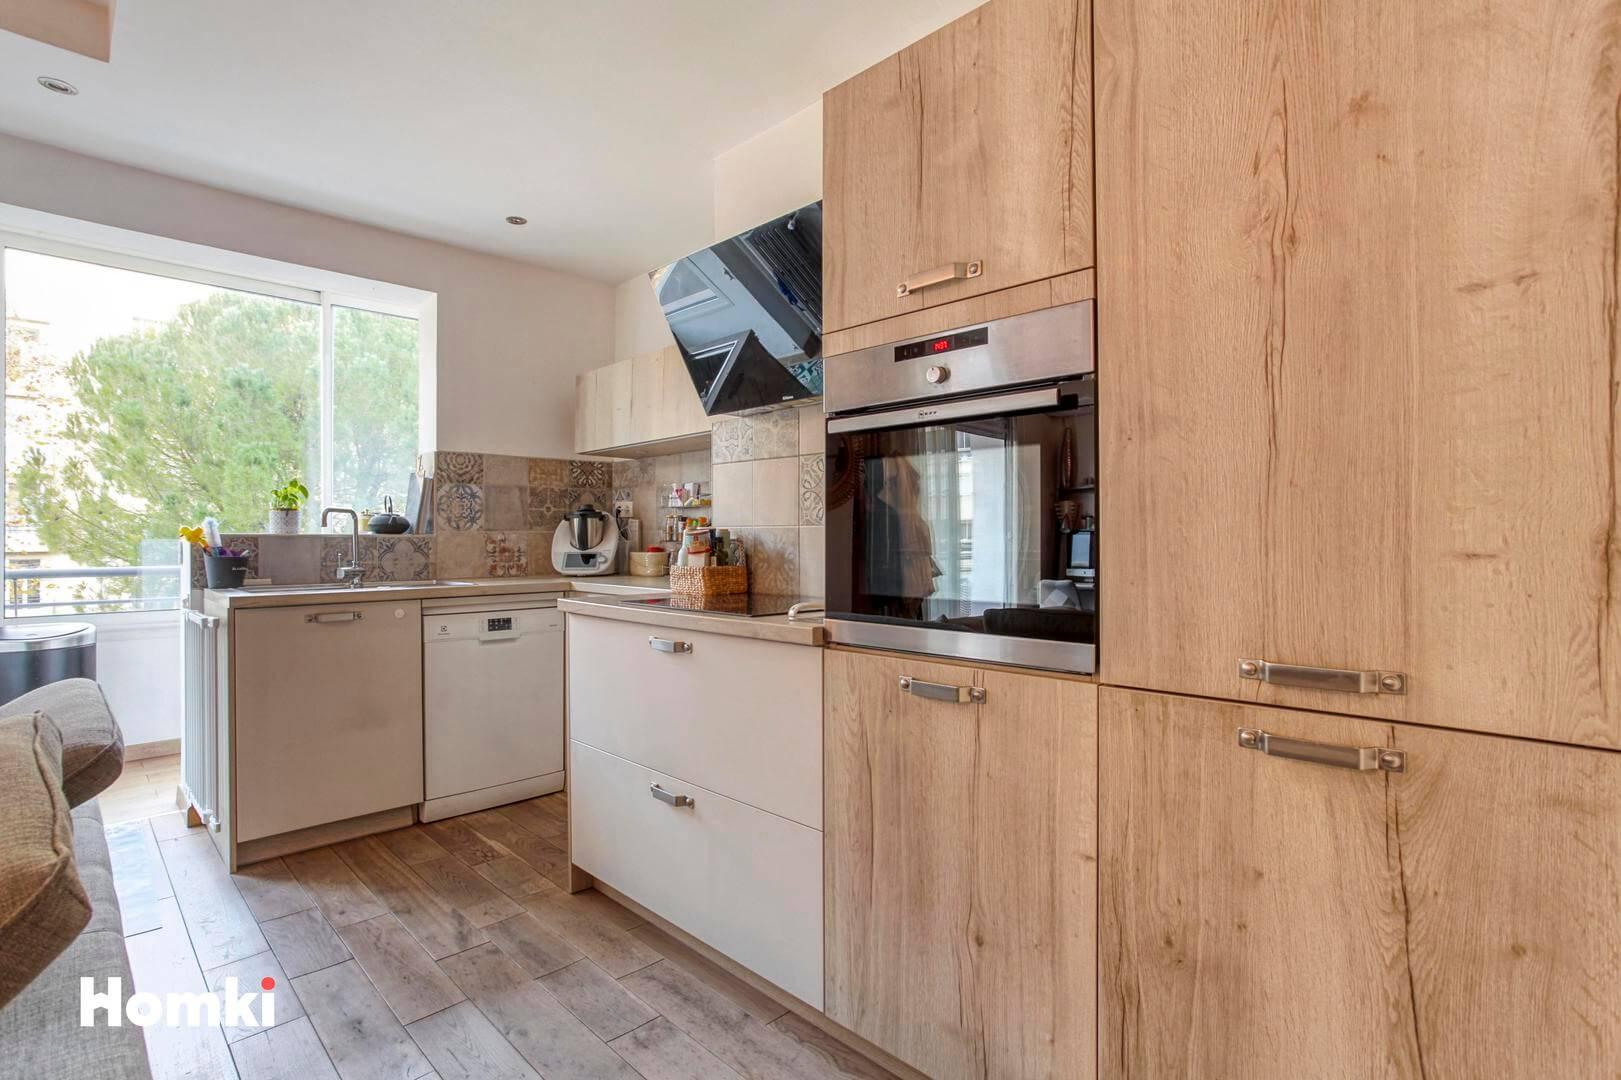 Homki - Vente Appartement  de 77.0 m² à Marseille 13008